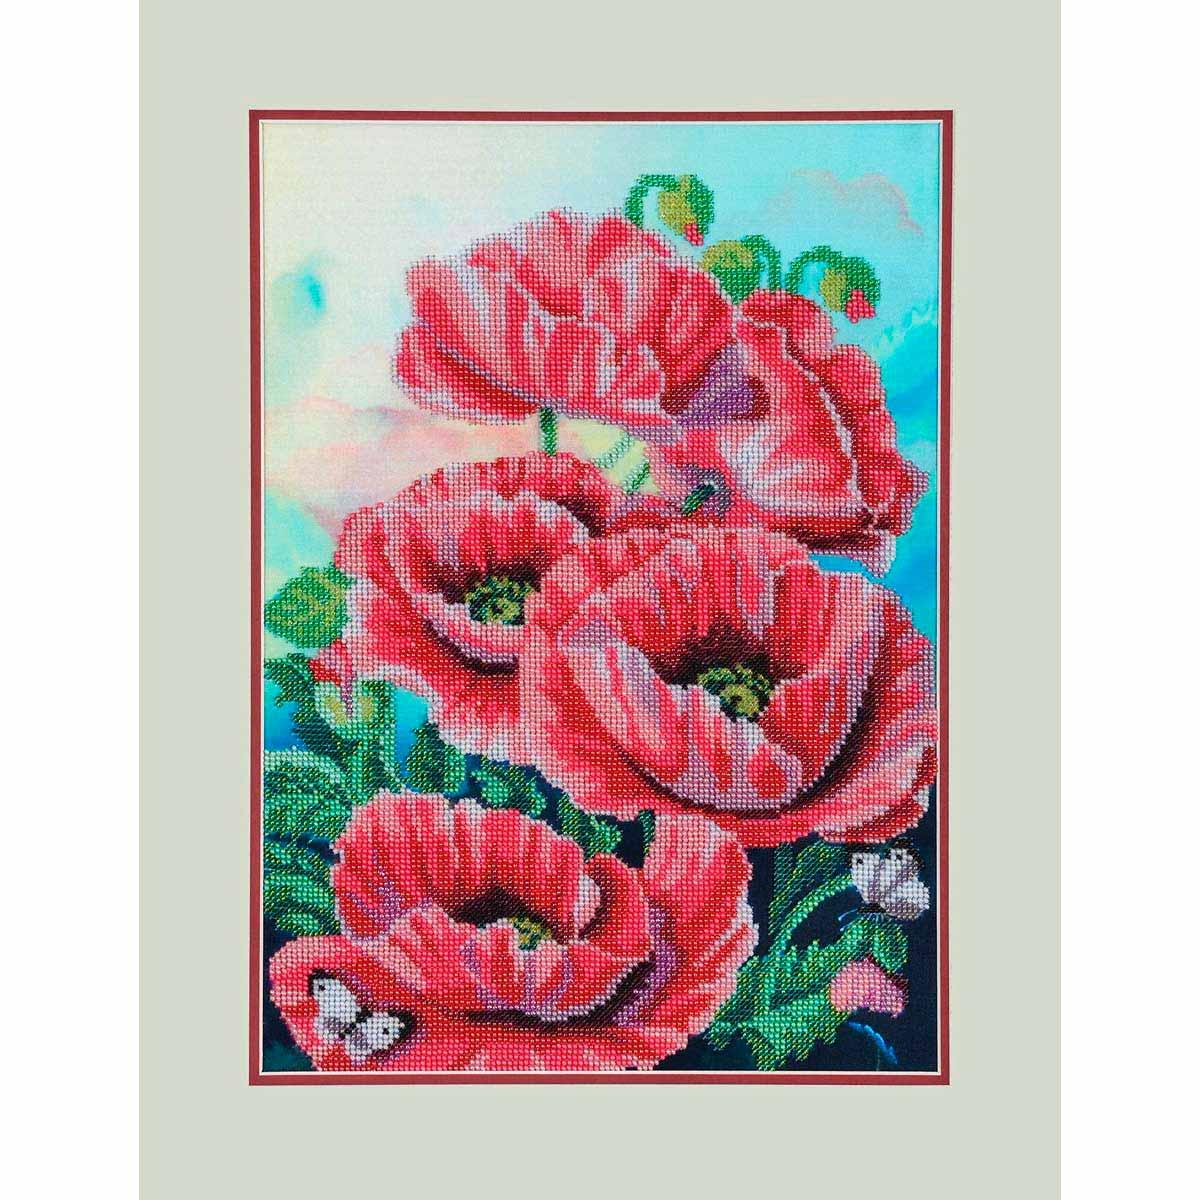 БН-3104 Набор для вышивания бисером Hobby&Pro 'Розовые маки', 27*39 см